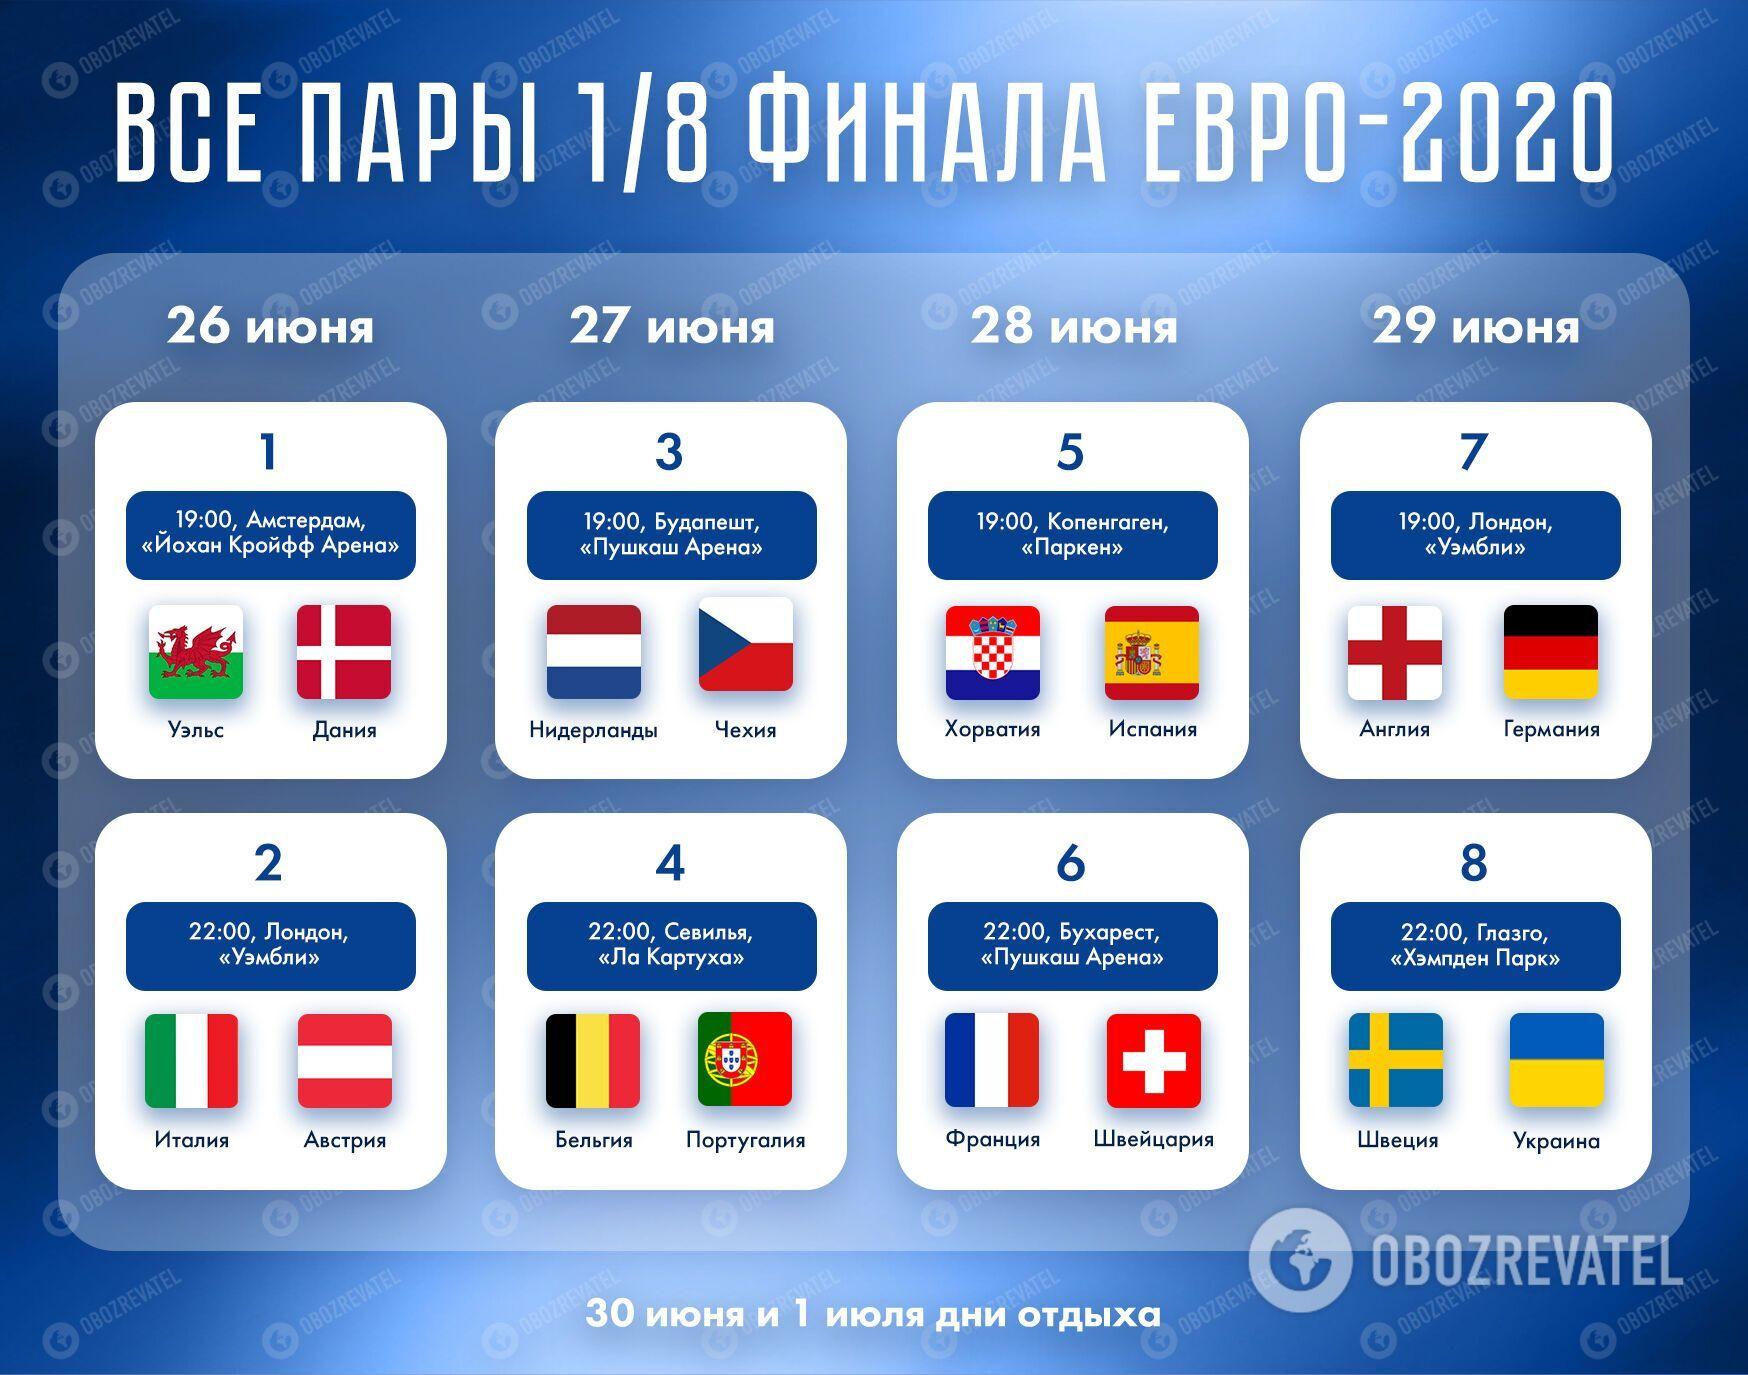 Пари і розклад Євро-2020.